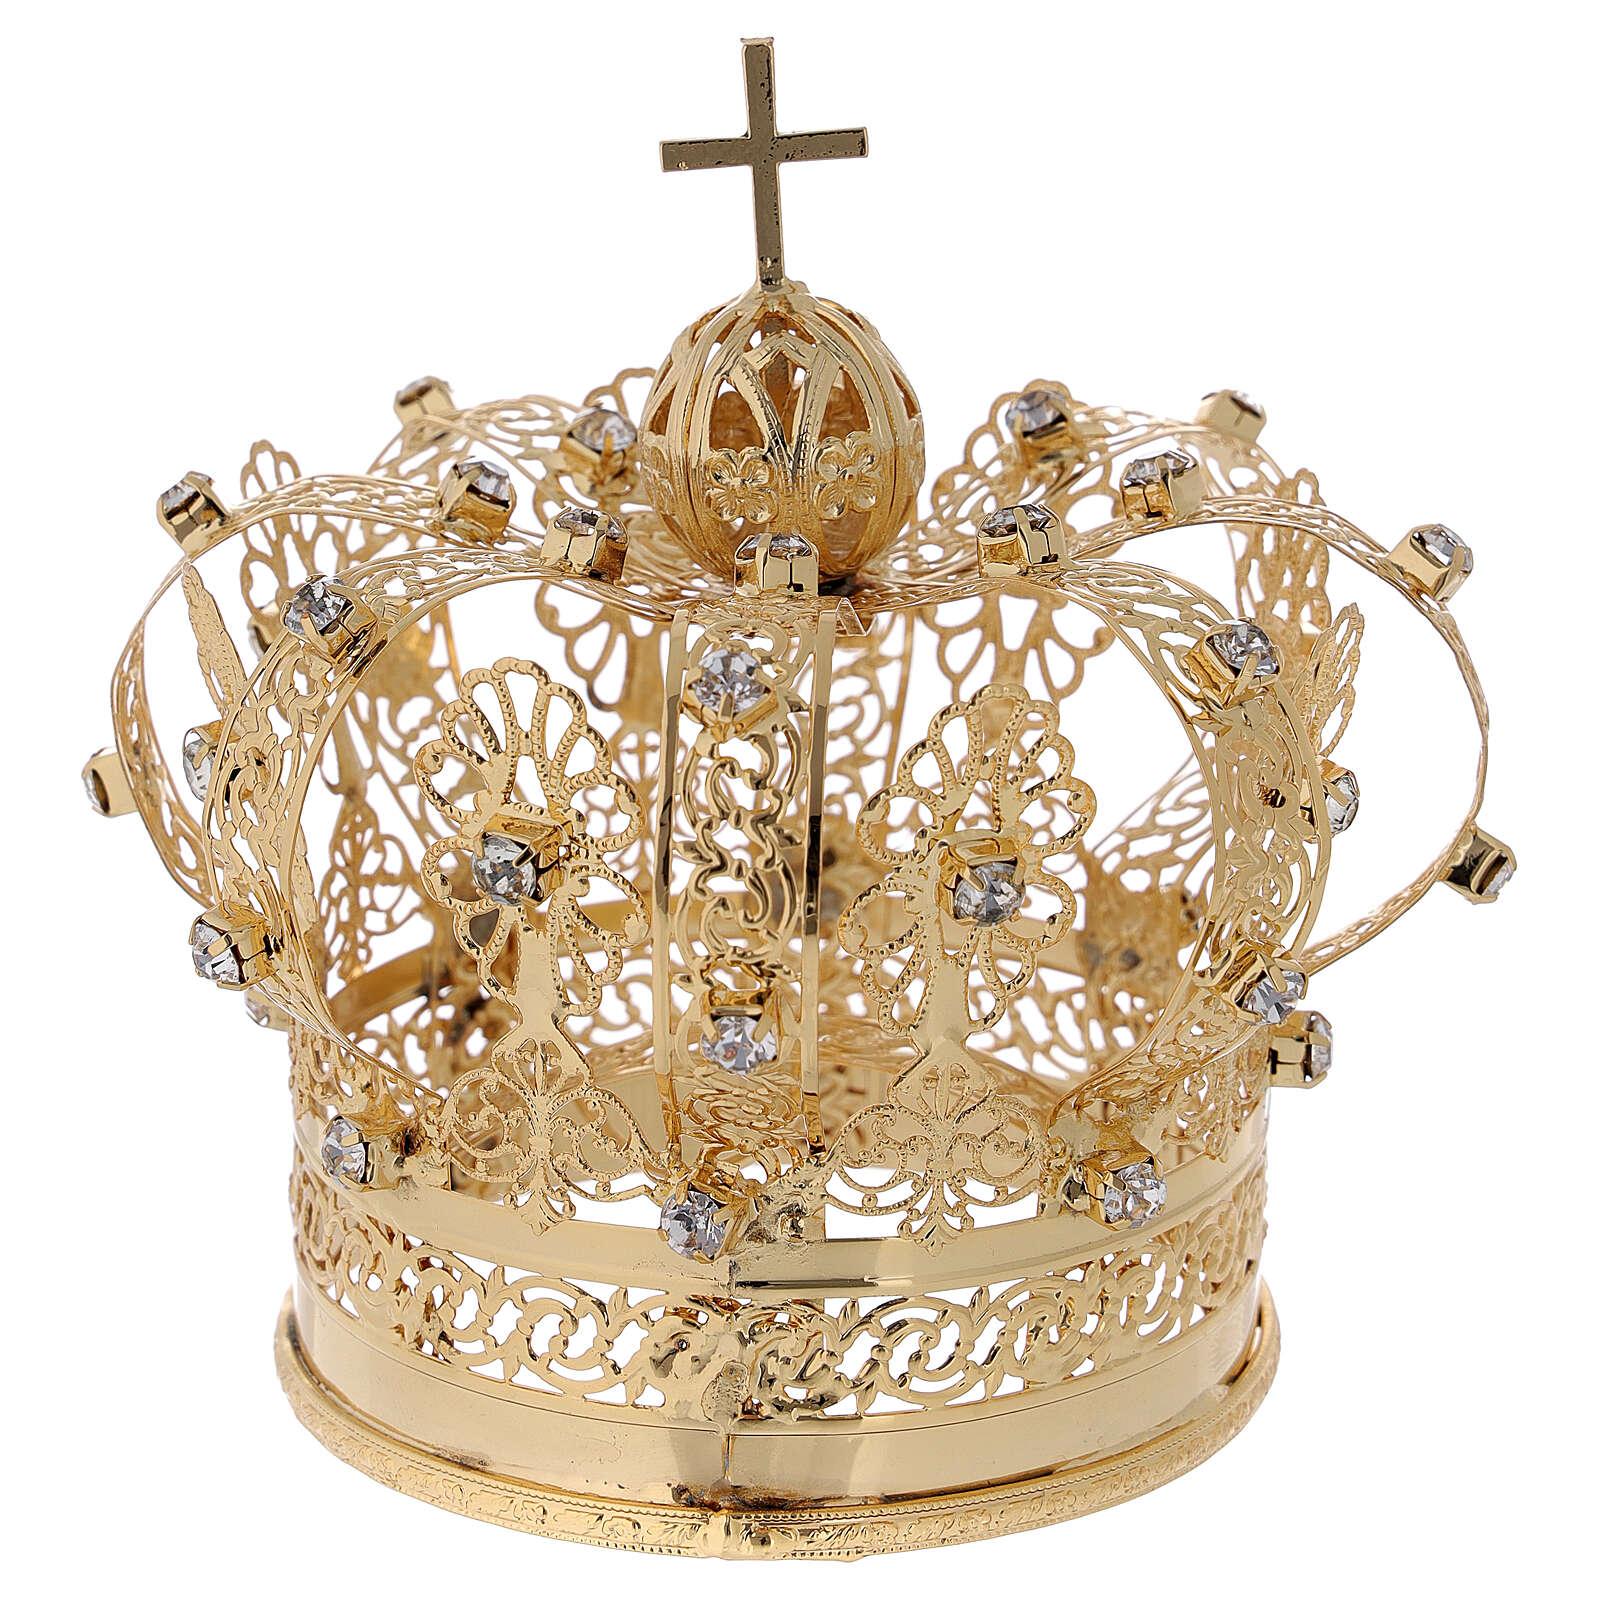 STOCK Coroa real para Nossa Senhora latão dourado 8 cm 3